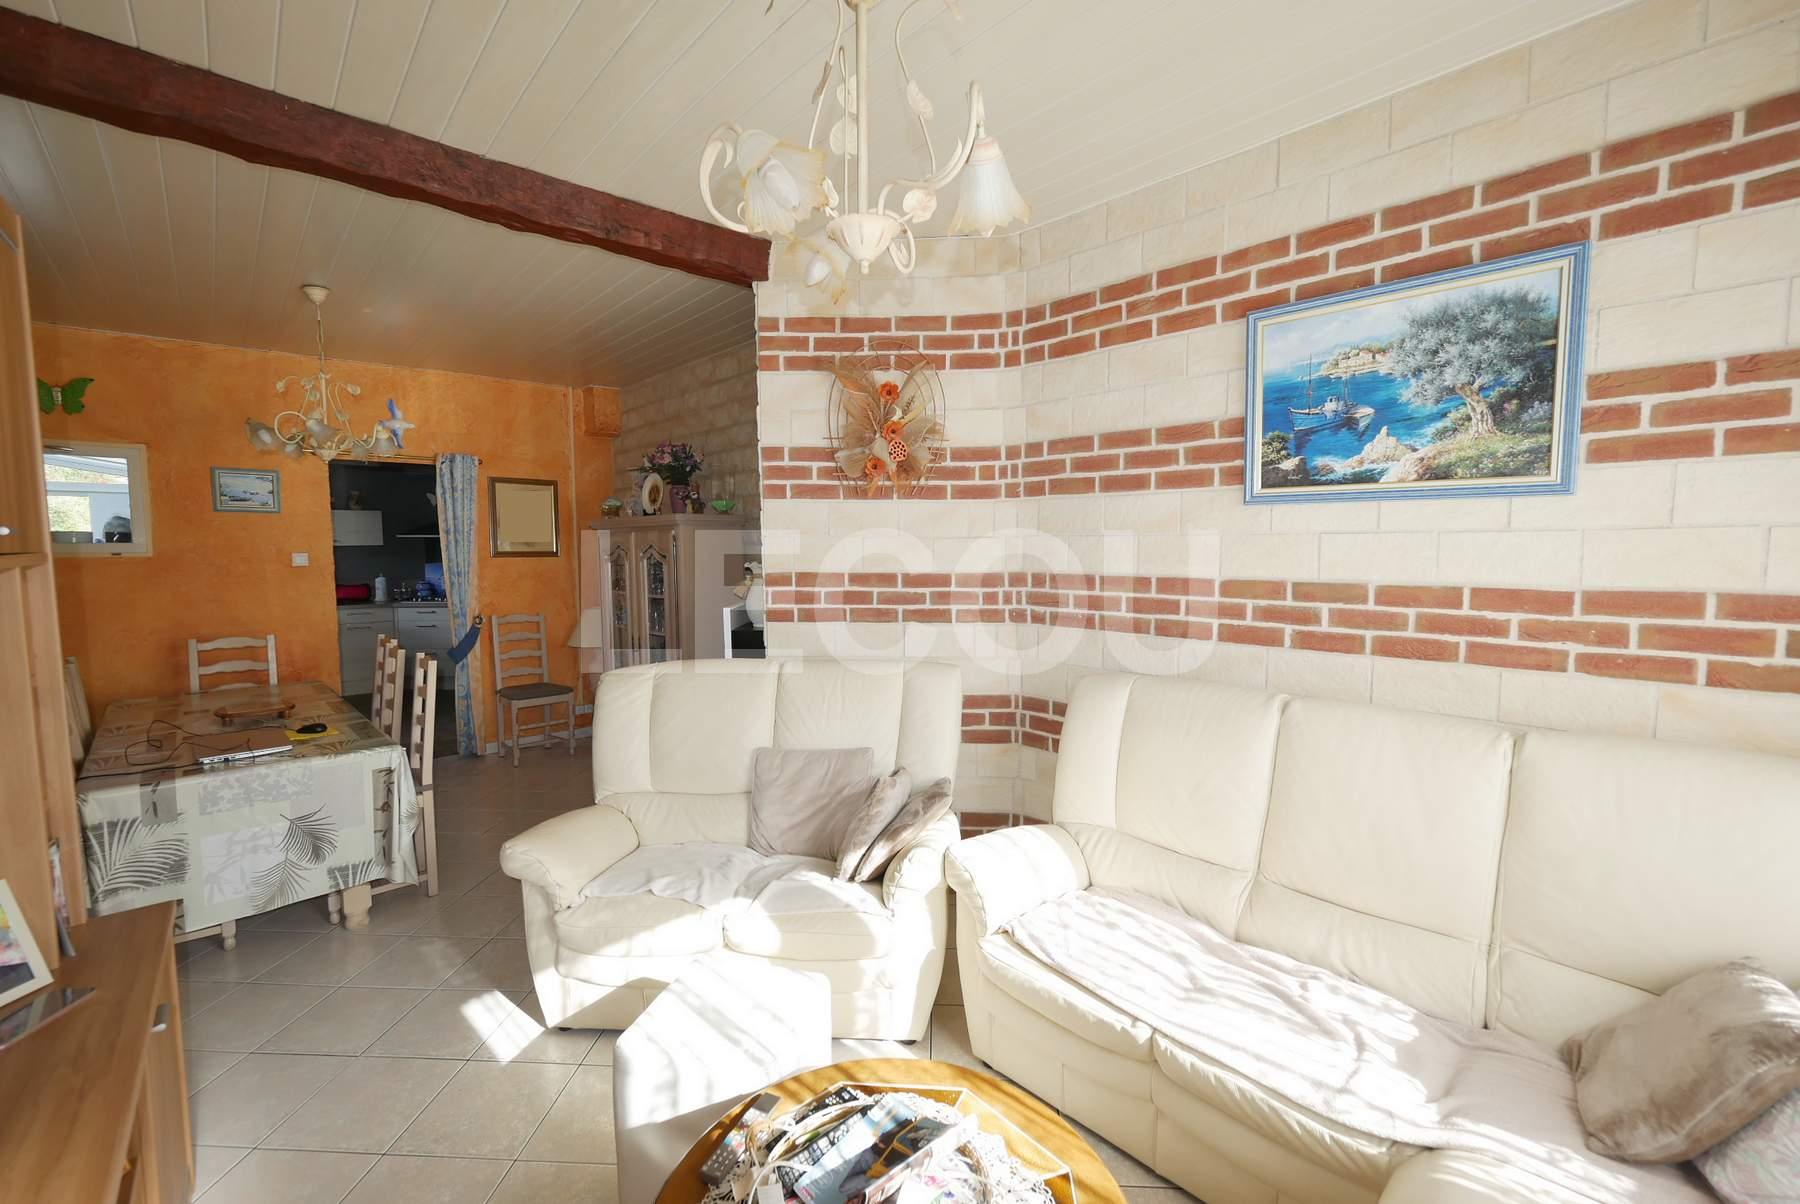 Maison 3 chambres jardin parking secteur Méricourt